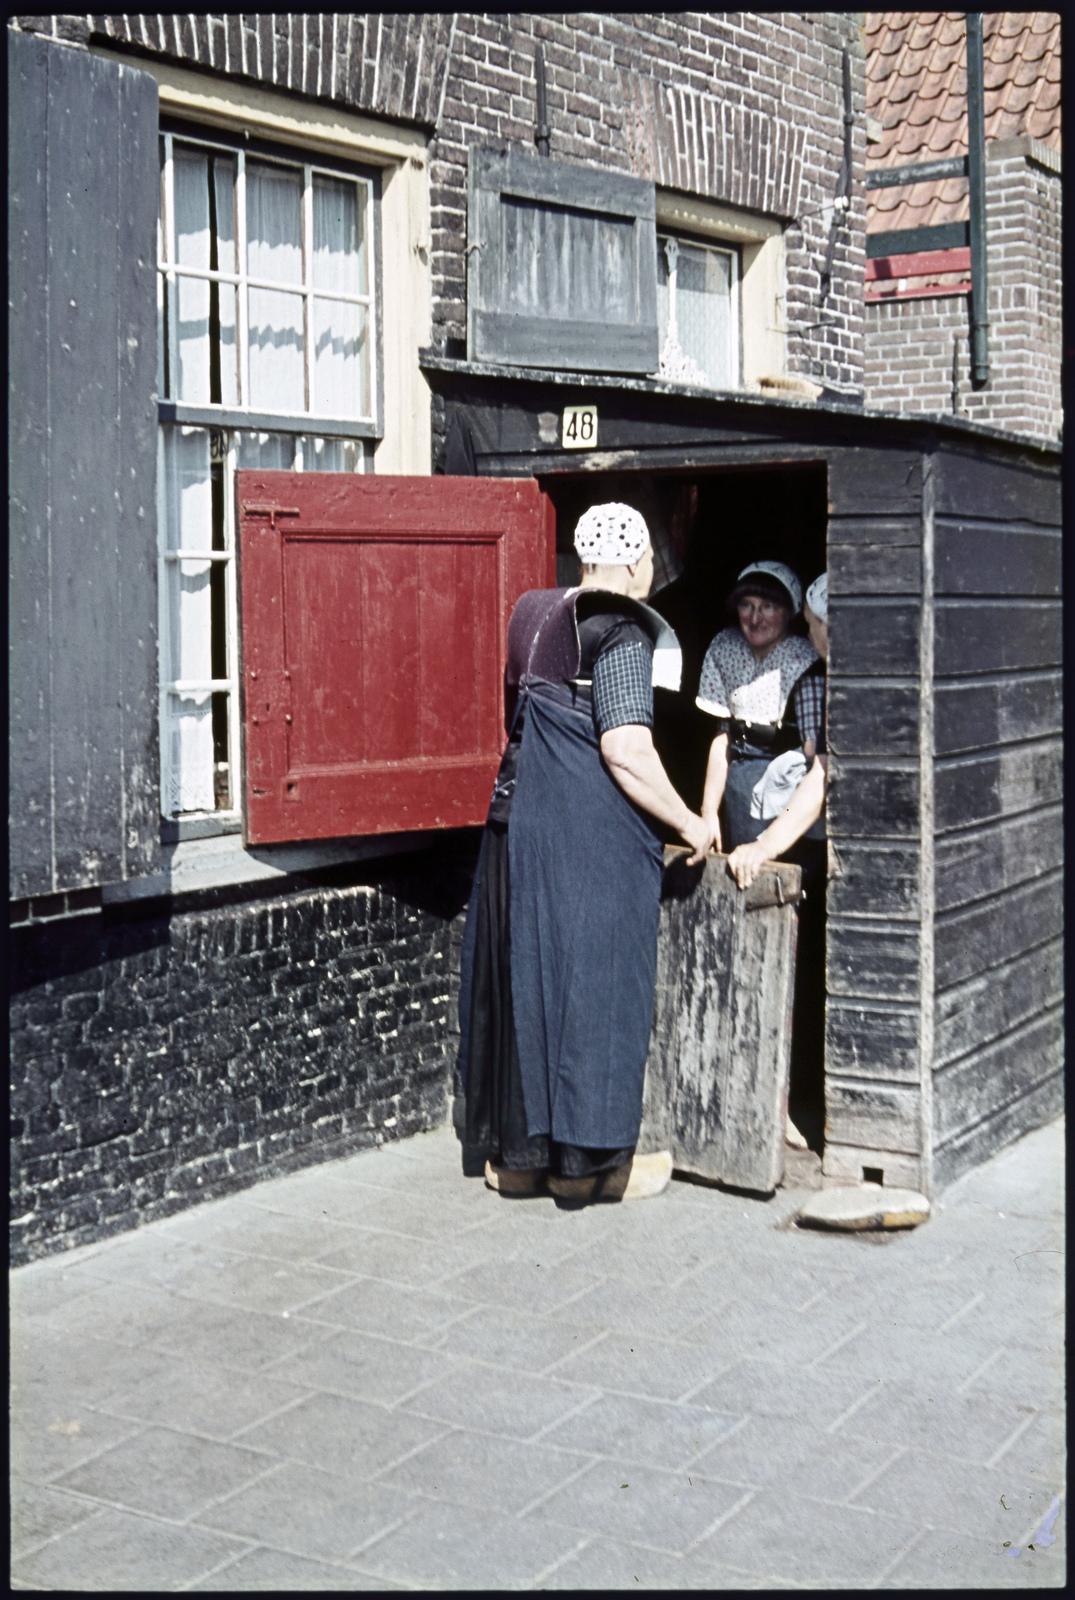 Vrouwen in klederdracht bij schuurtje met geopende halve deur.